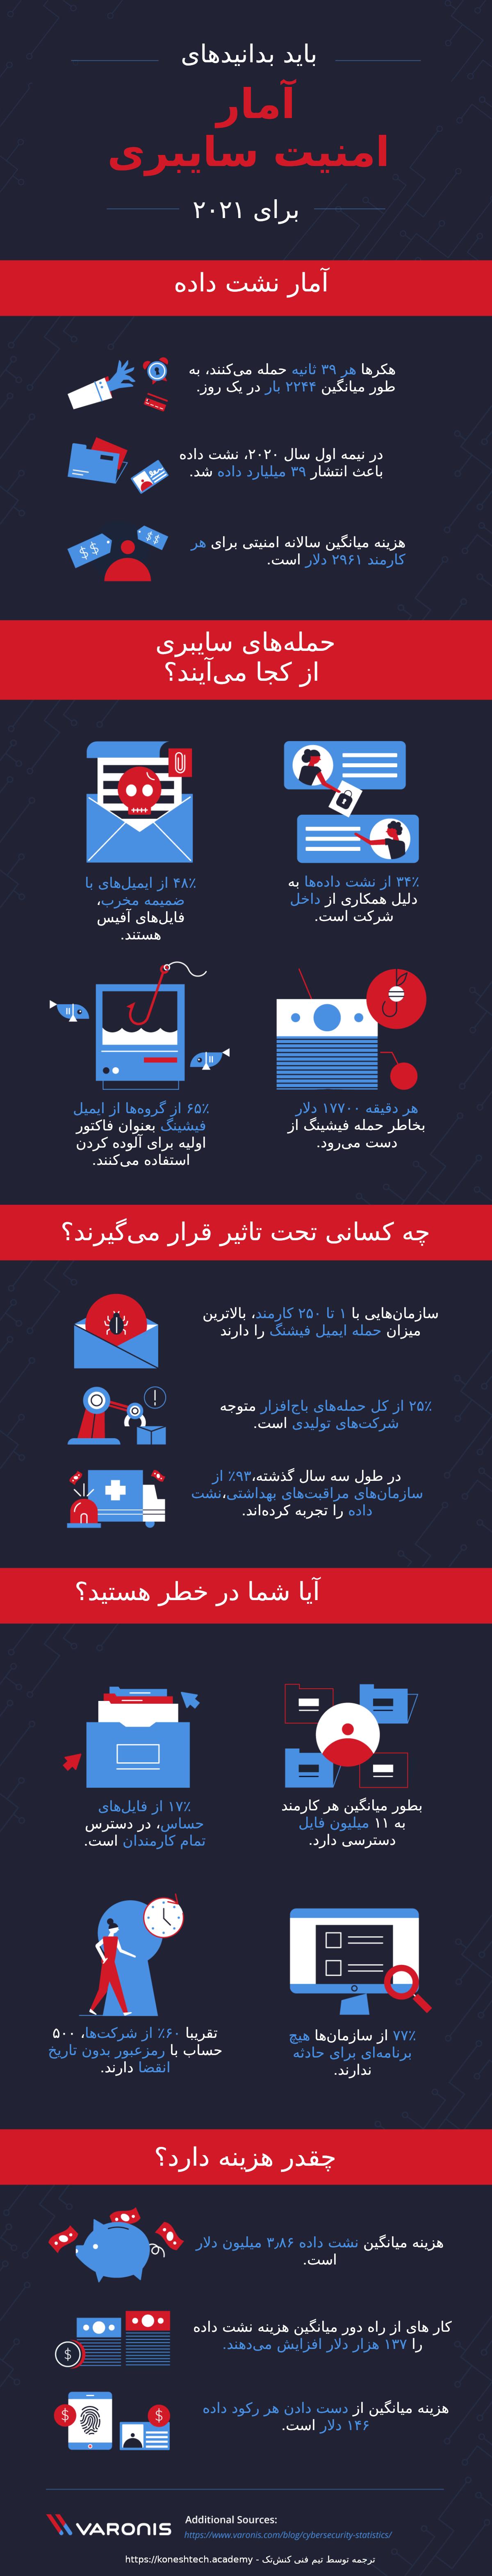 اینفوگرافیک آمار امنیت سایبری باری سال ۲۰۲۱